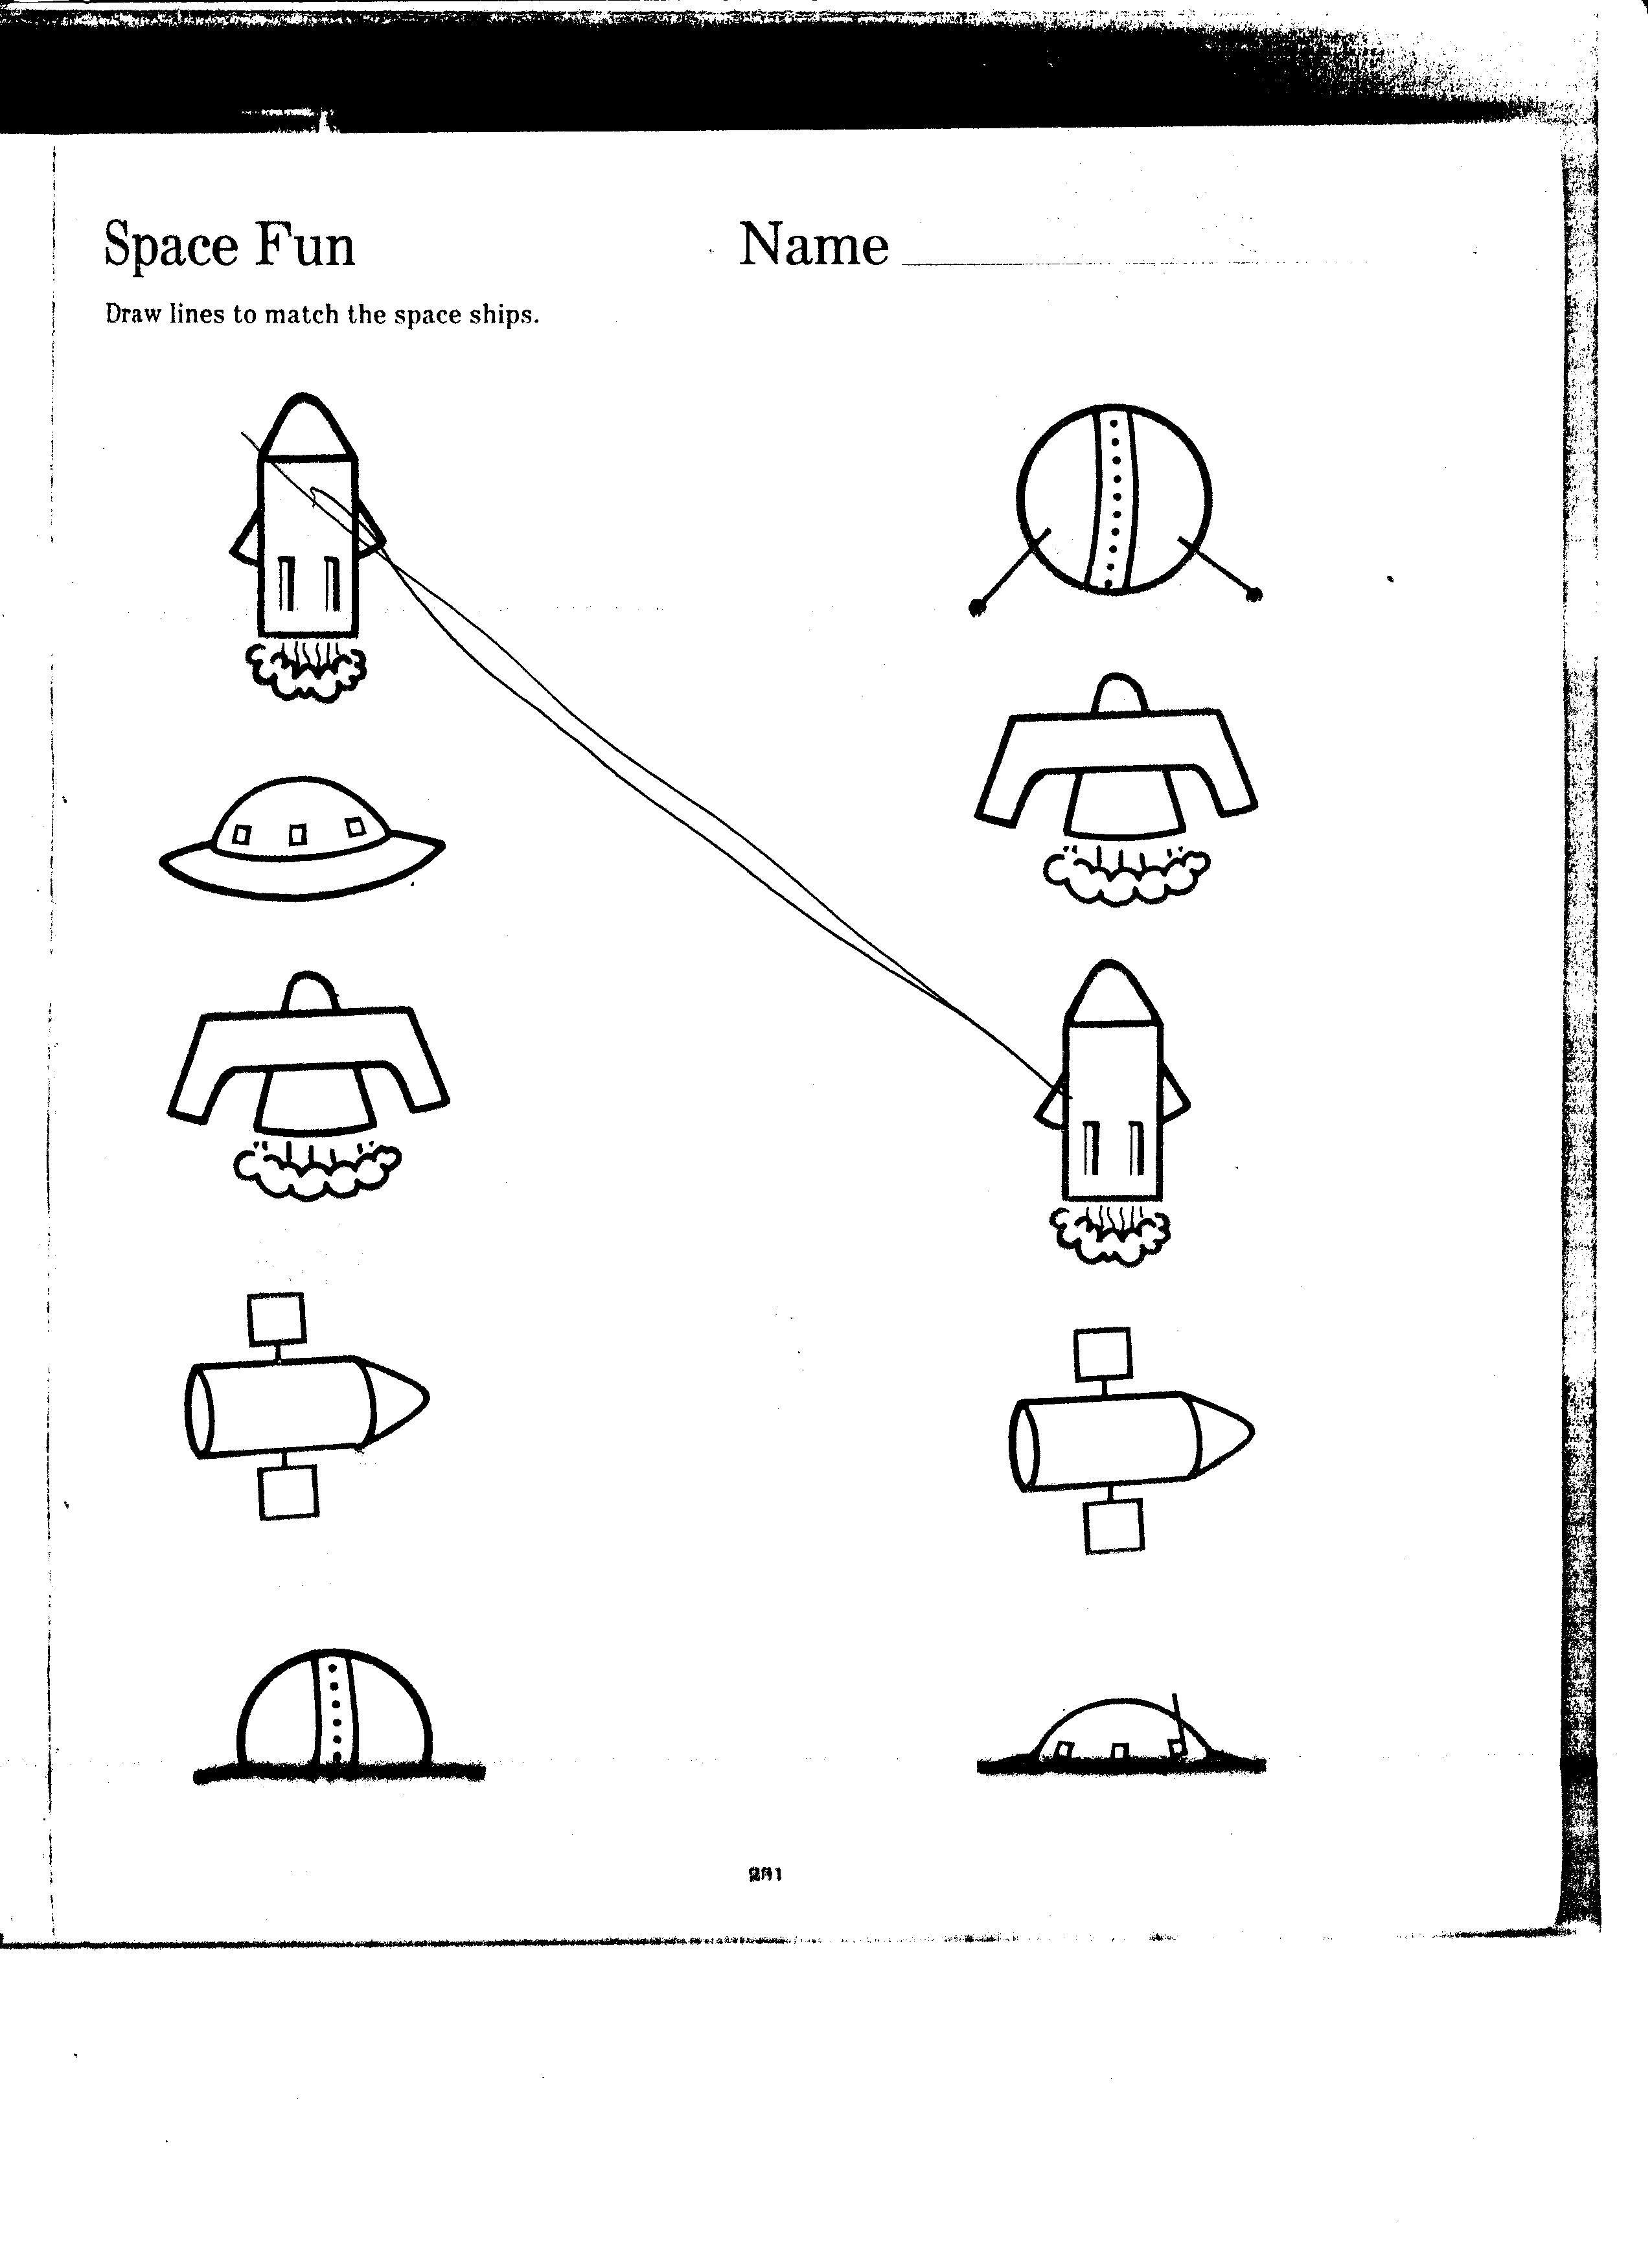 Space Matching Worksheet Kindergarten Worksheets Kindergarten Sight Word Games Online Kindergarten [ 3501 x 2550 Pixel ]